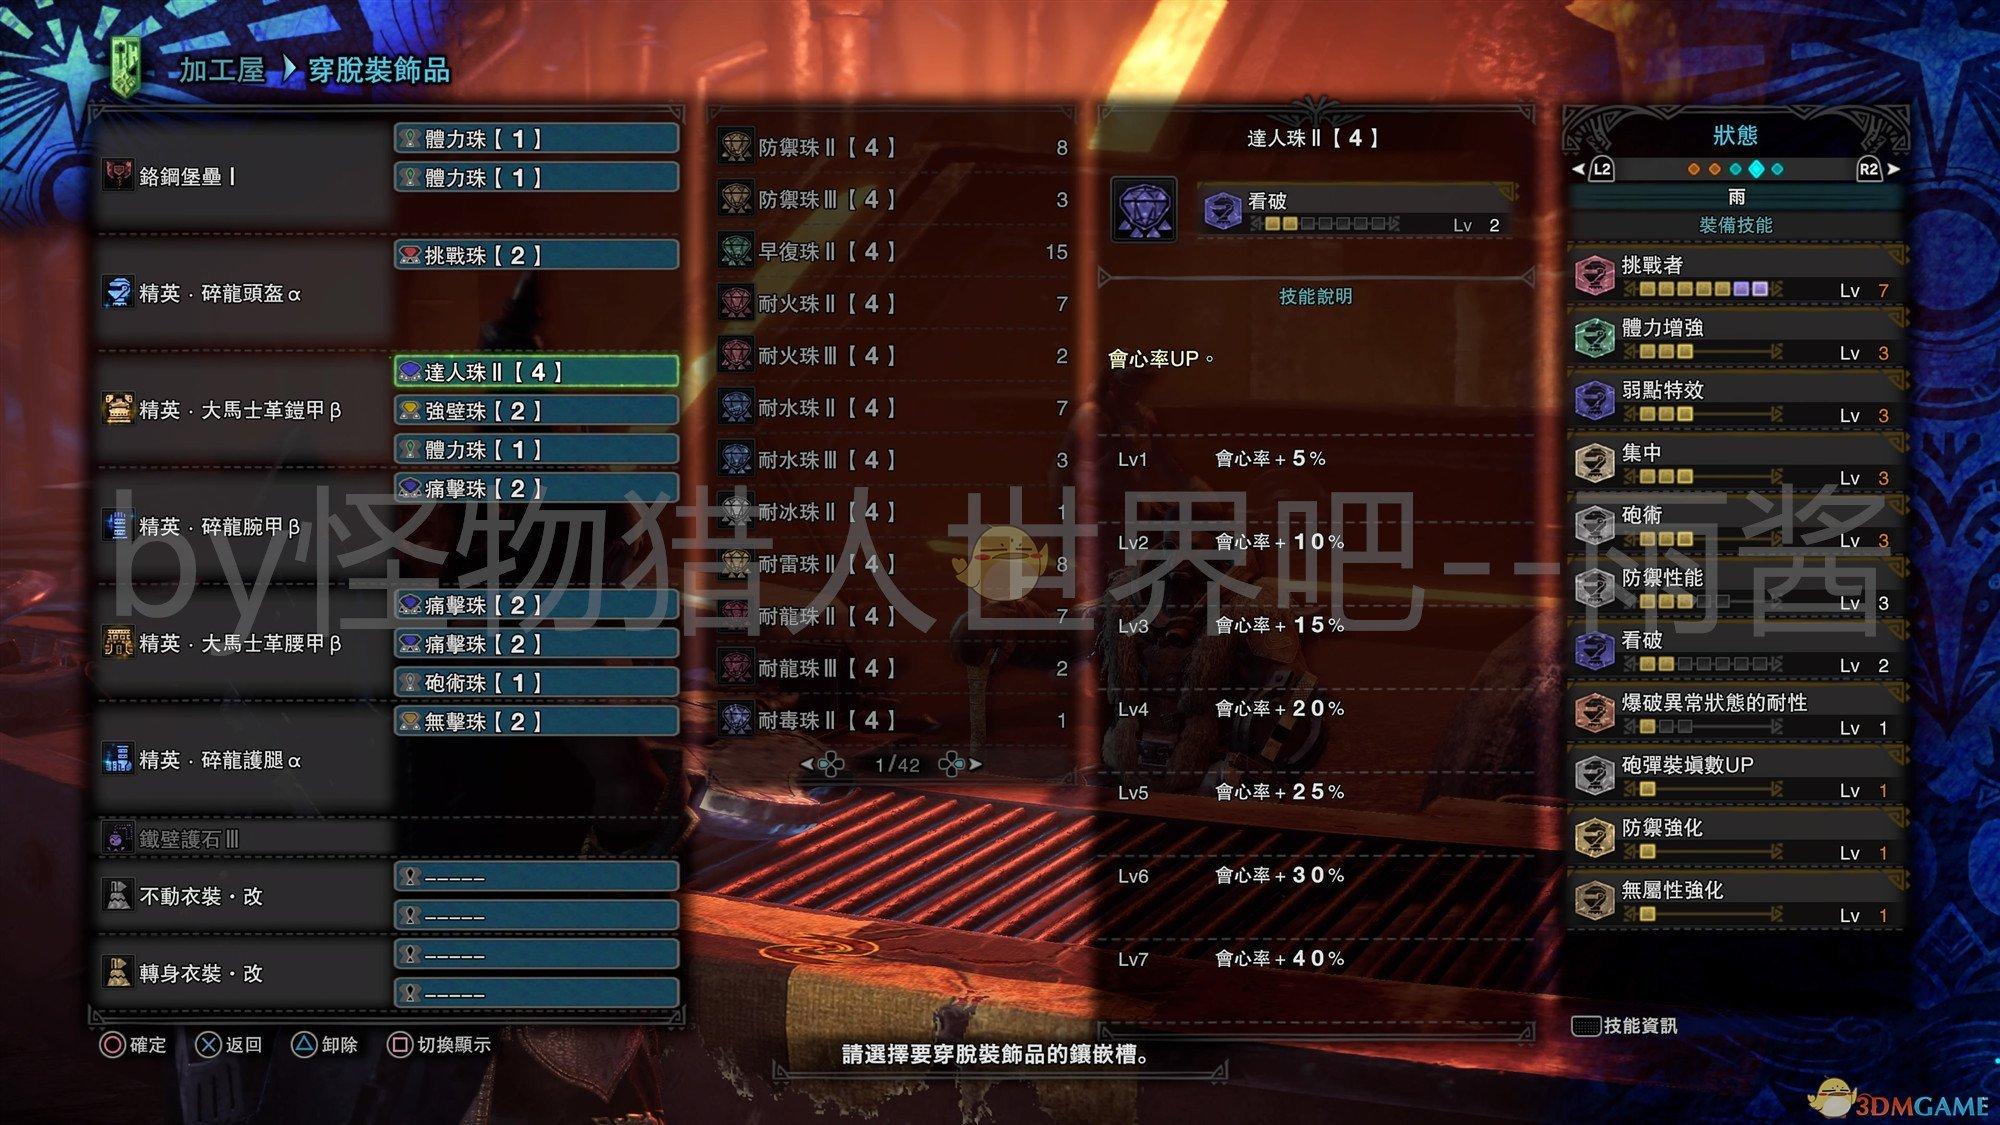 《怪物猎人:世界》冰原DLC盾斧开荒榴盾装备搭配推荐